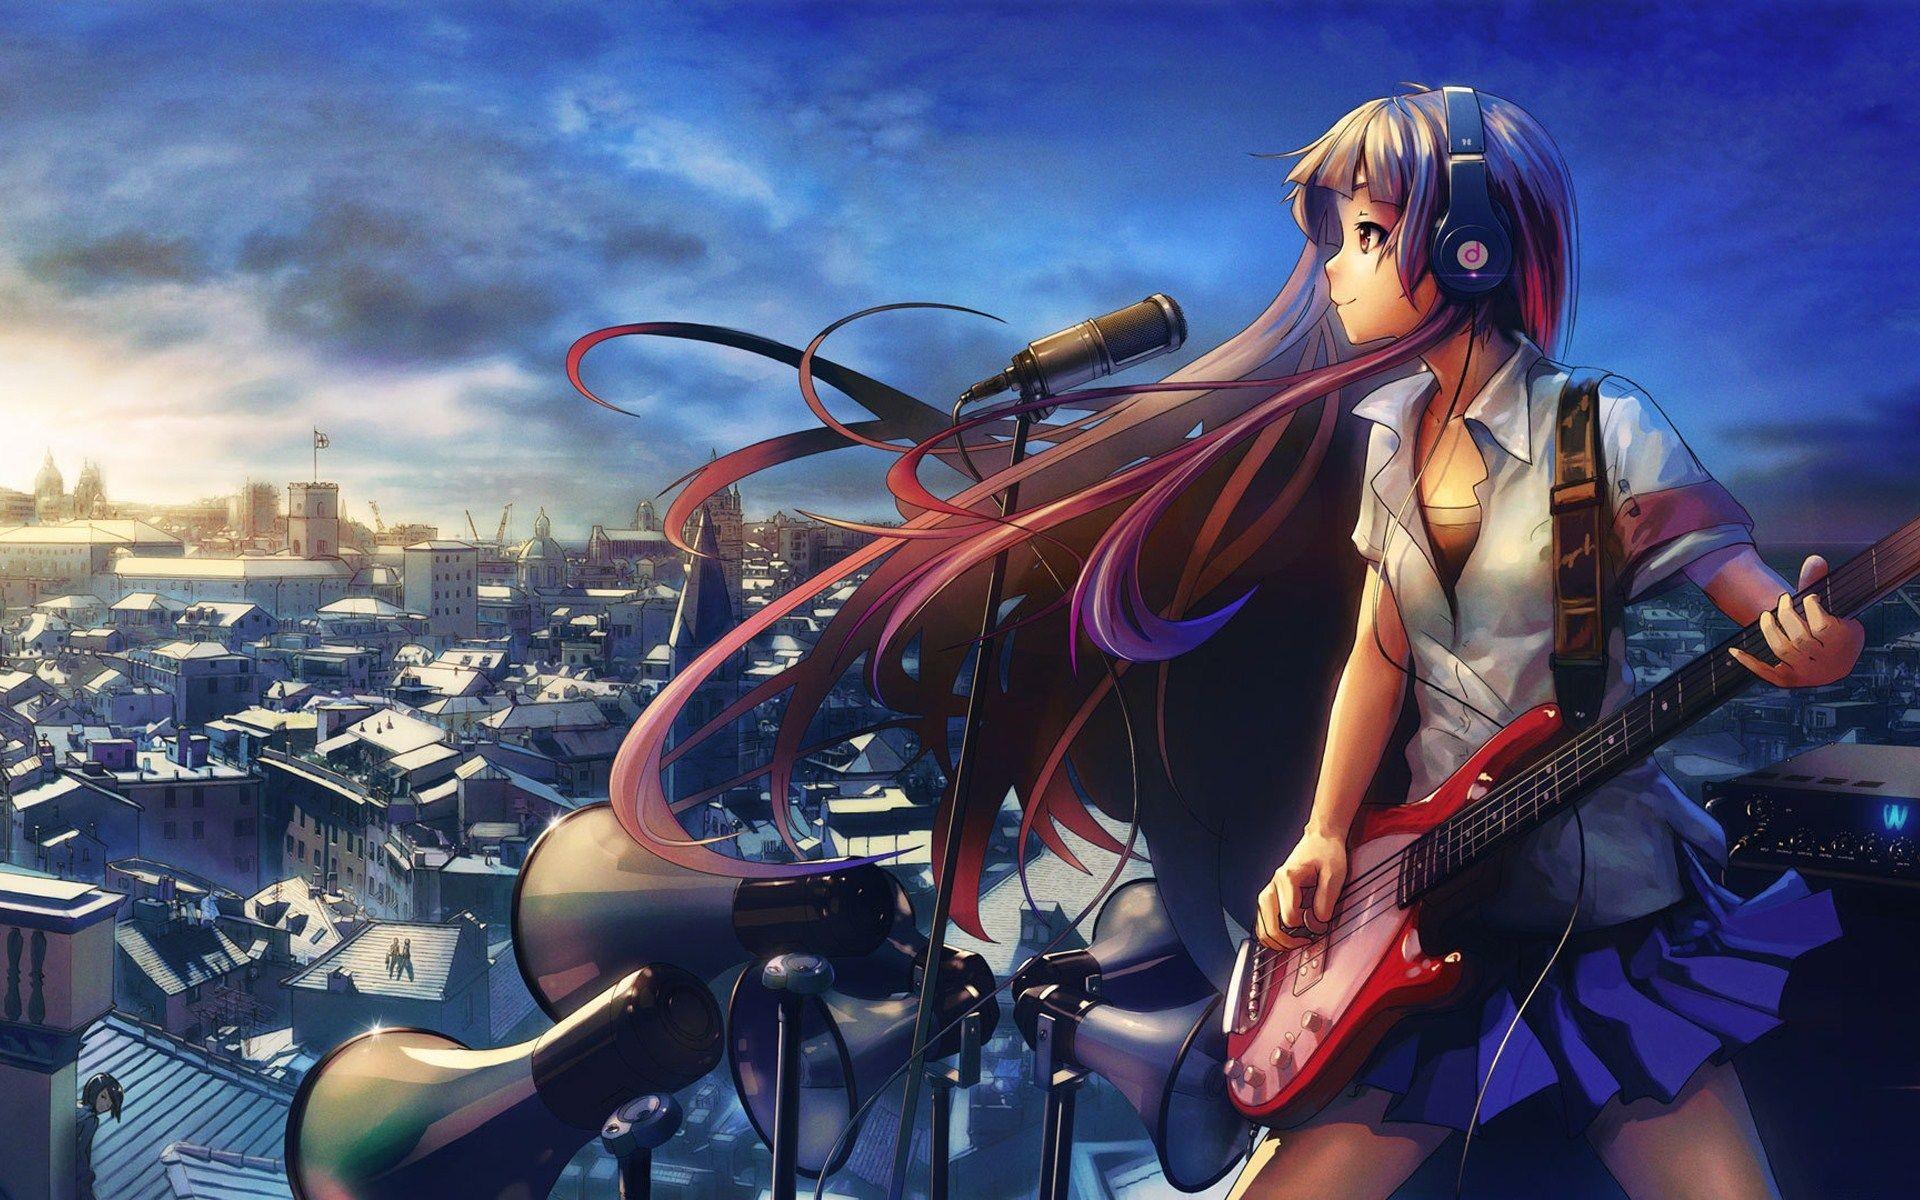 Anime Music Wallpaper 3